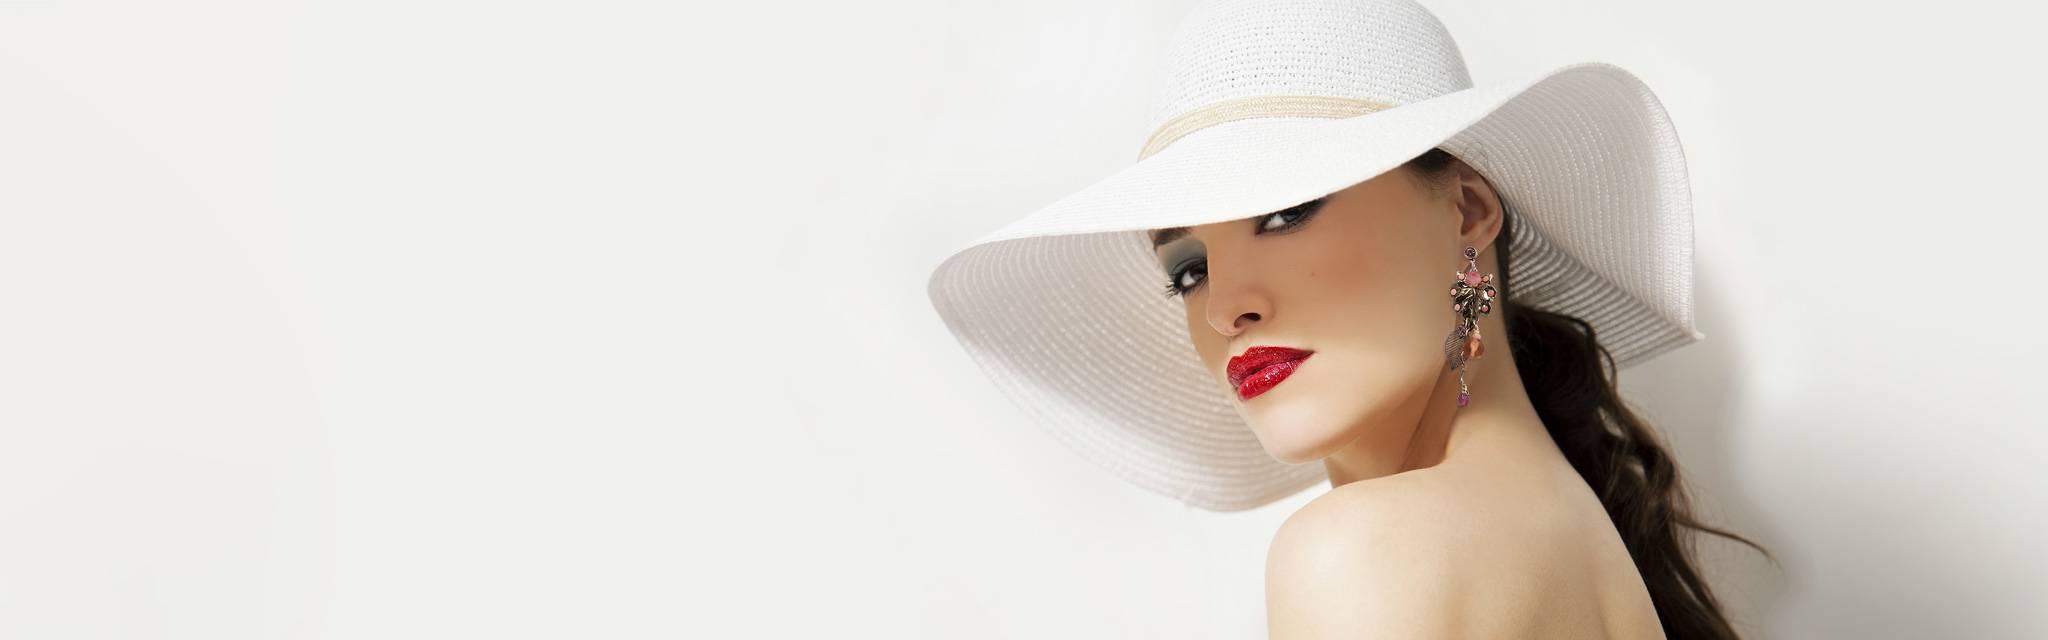 Bijou haute fantaisie Zor Création: grande boucle d'oreille percée, argent vintage et romantique. Habillé, élégant mannequin au Prix de Diane